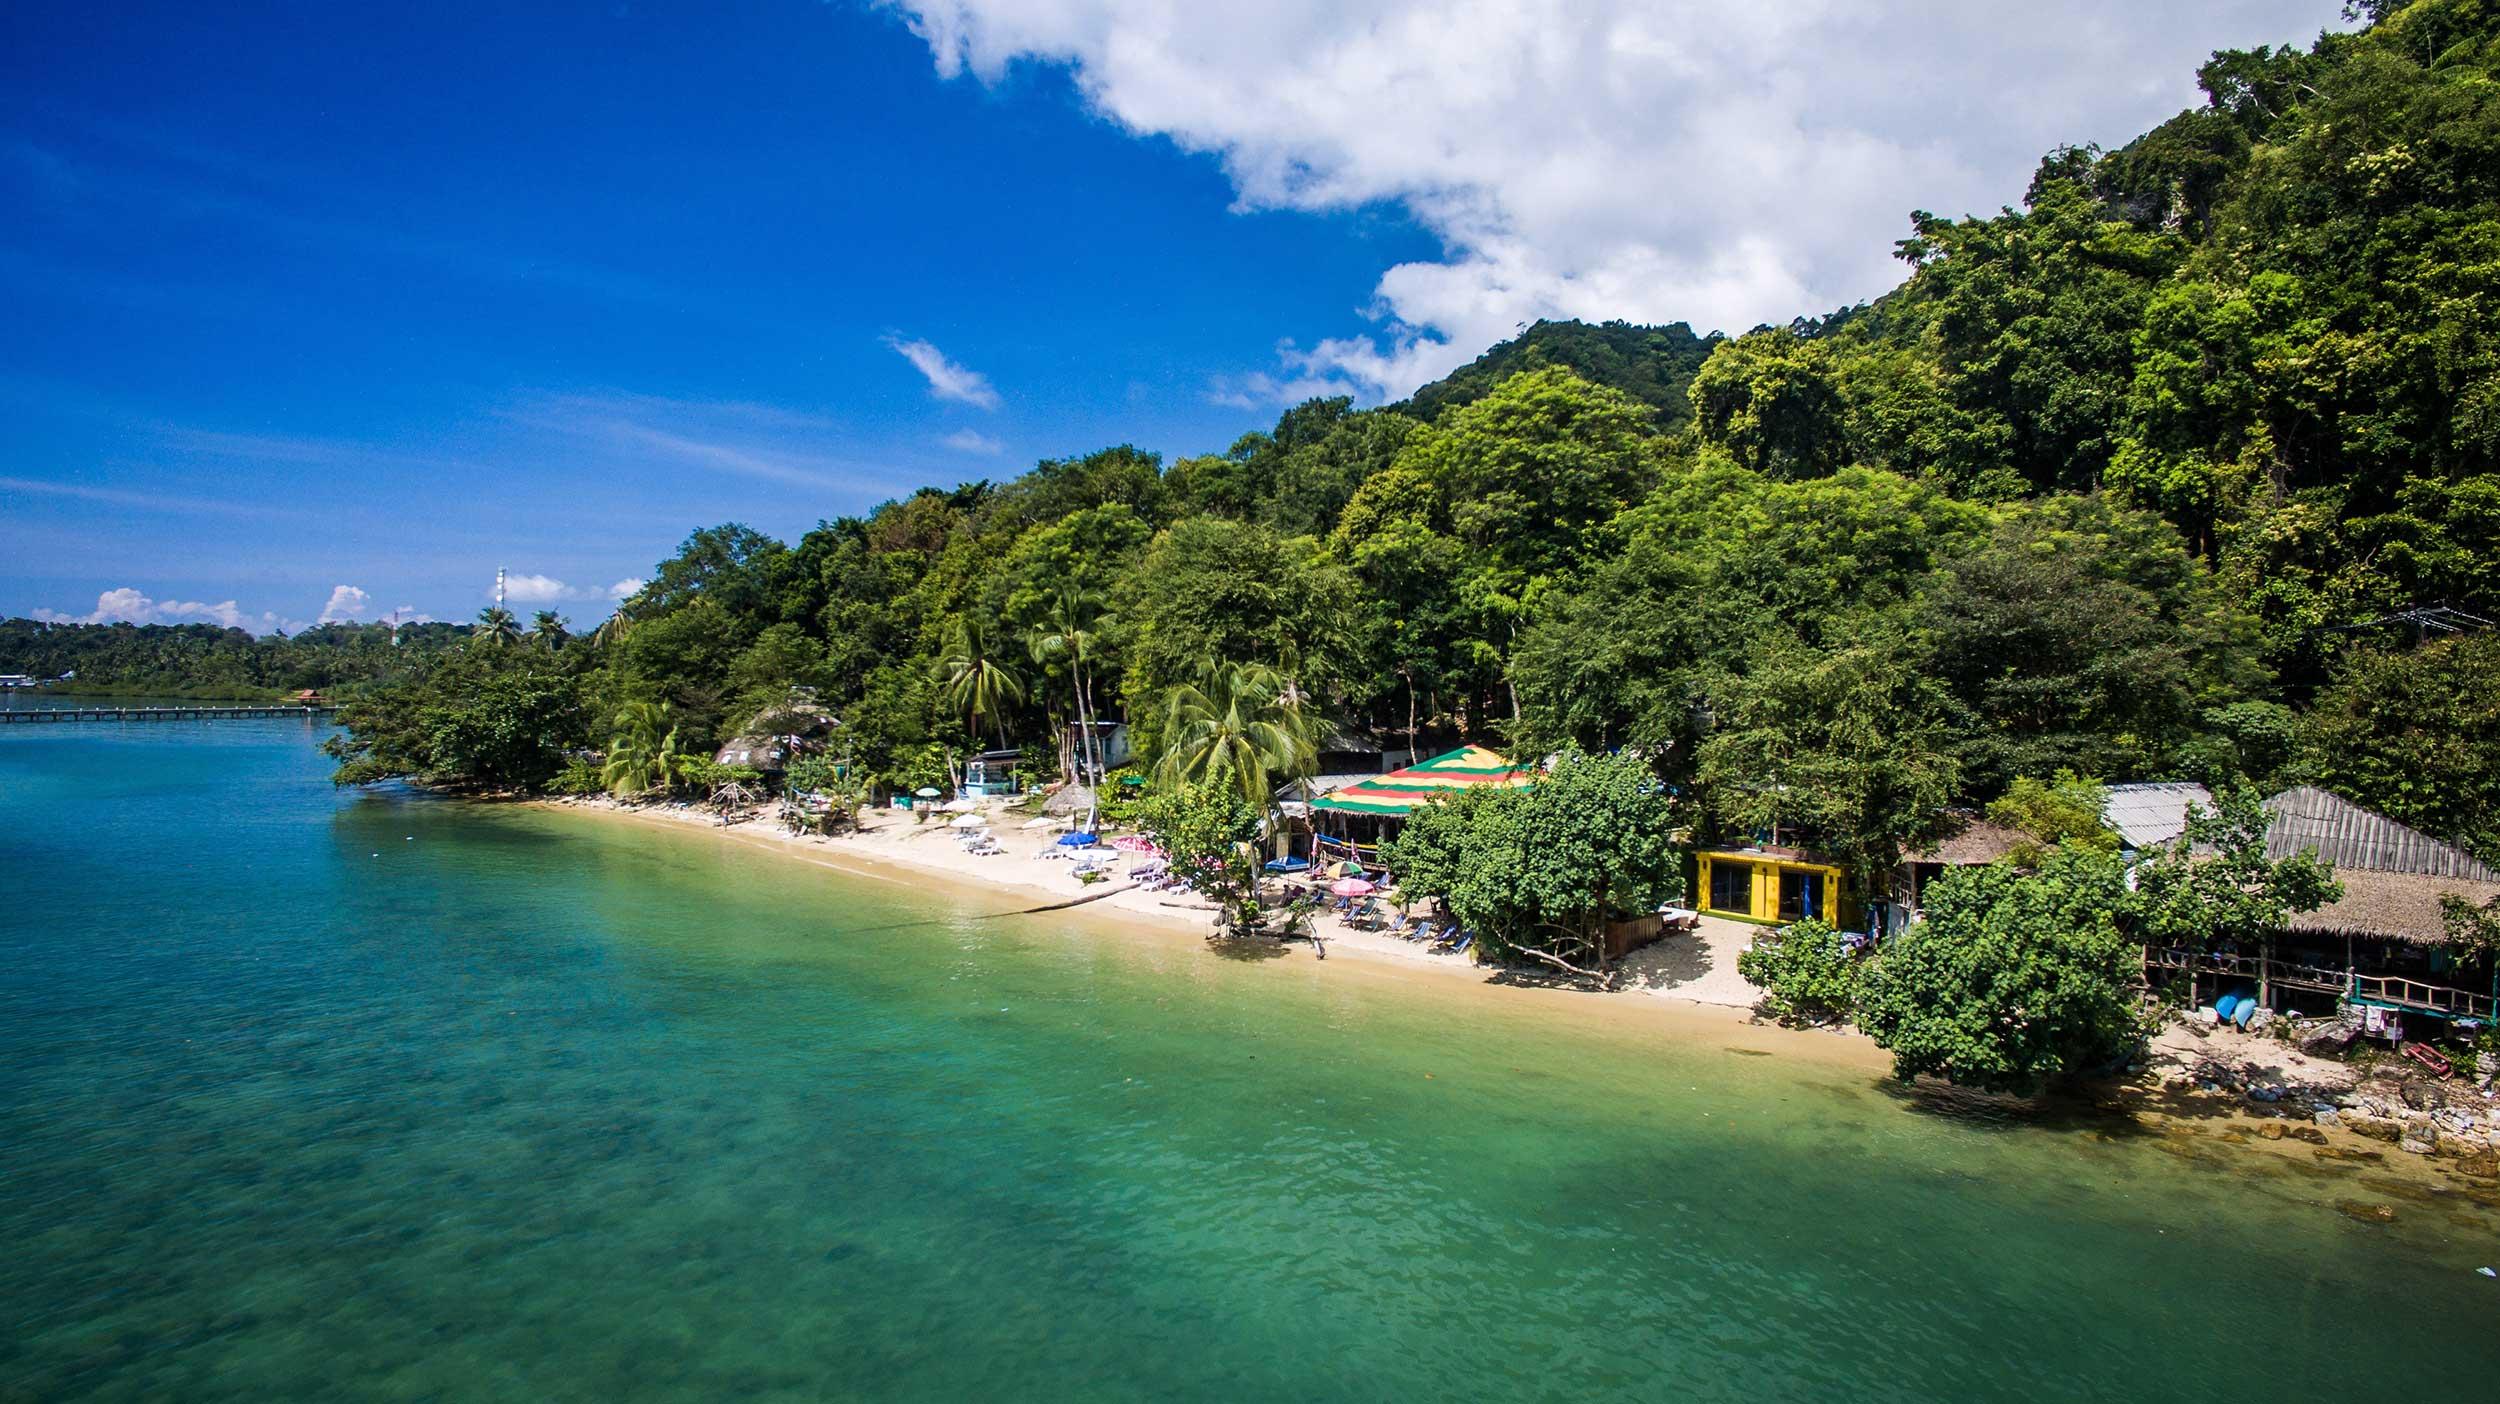 Indie_beach_kohchang_2.jpg